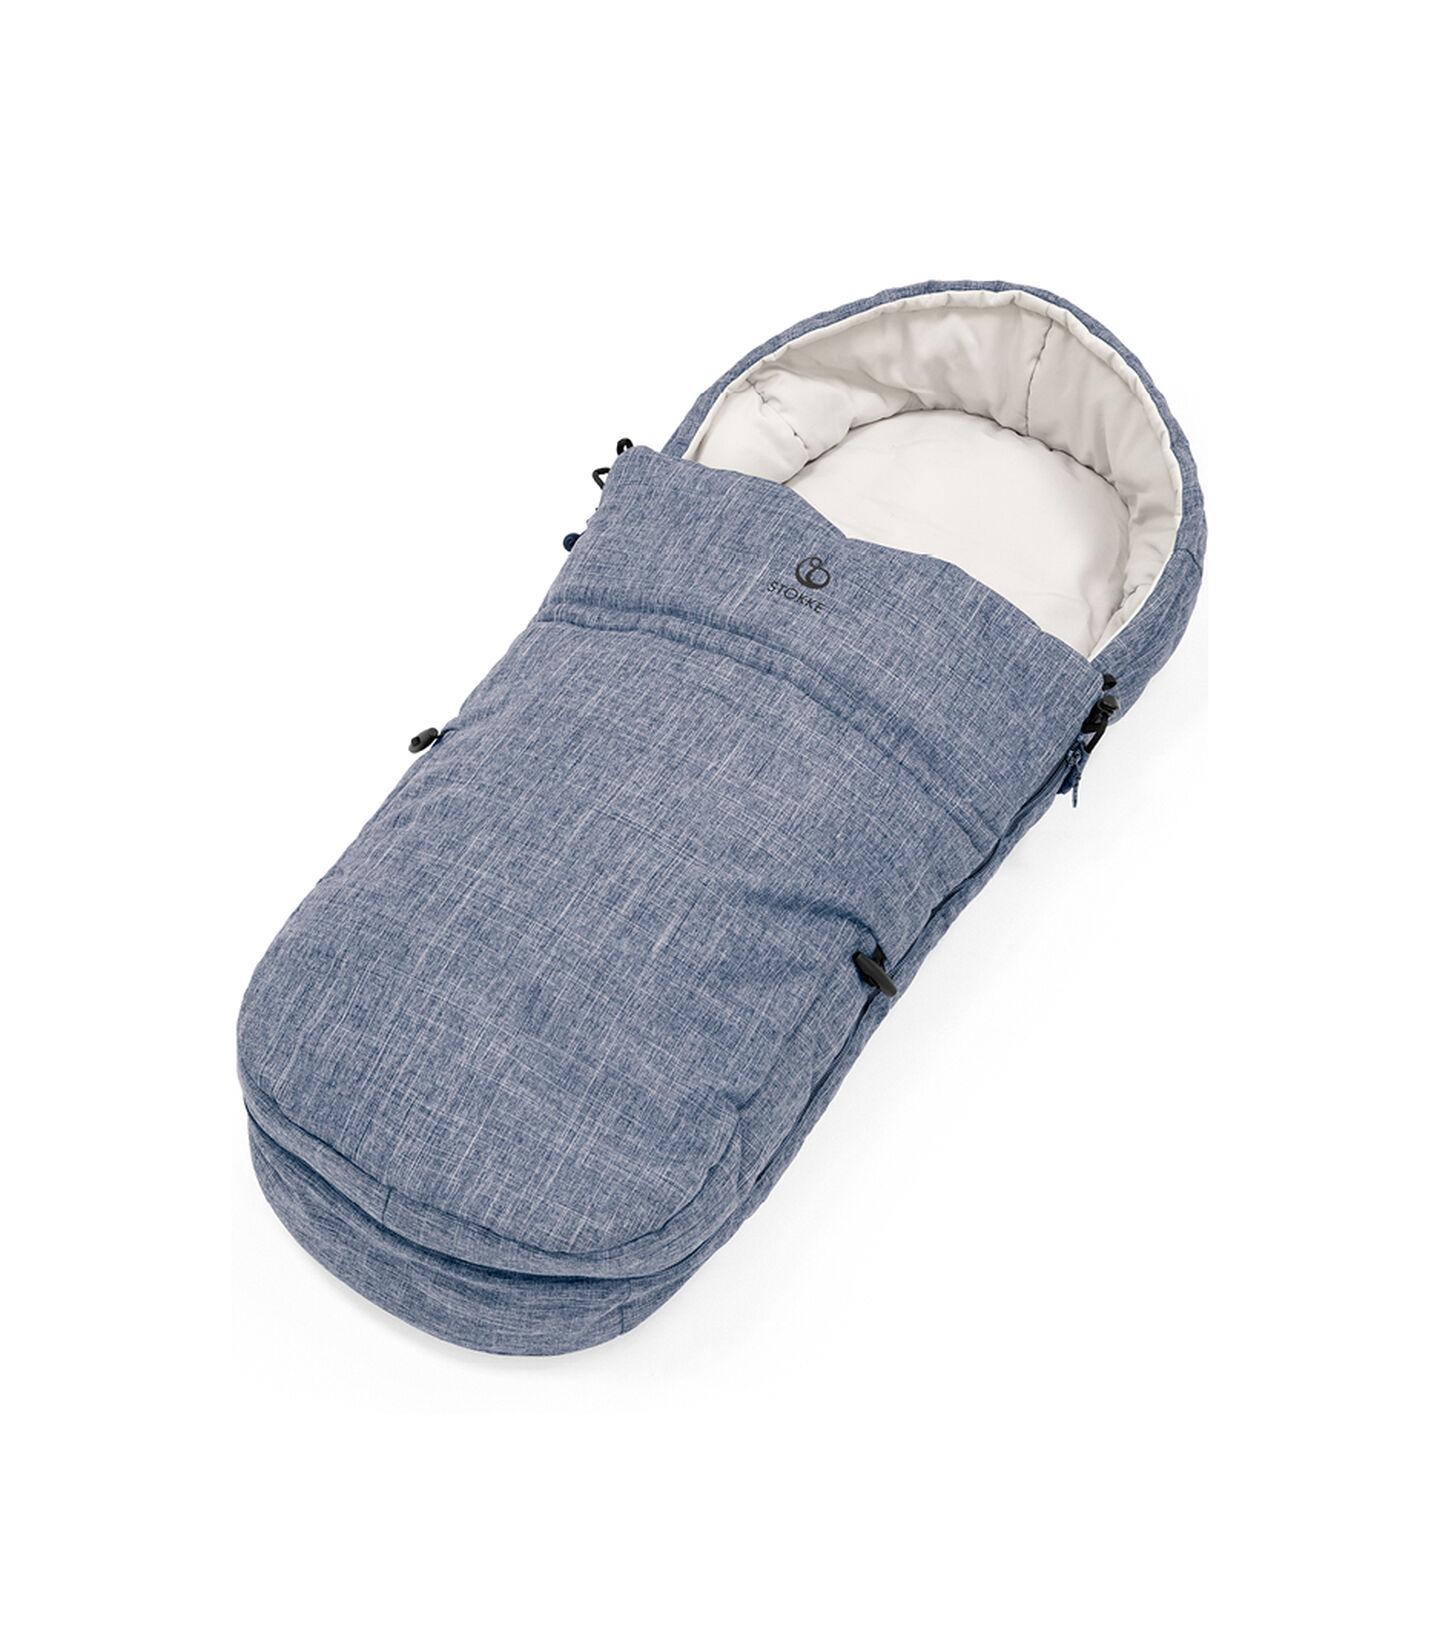 Stokke® Beat™ Soft Bag, Blue Melange. view 2